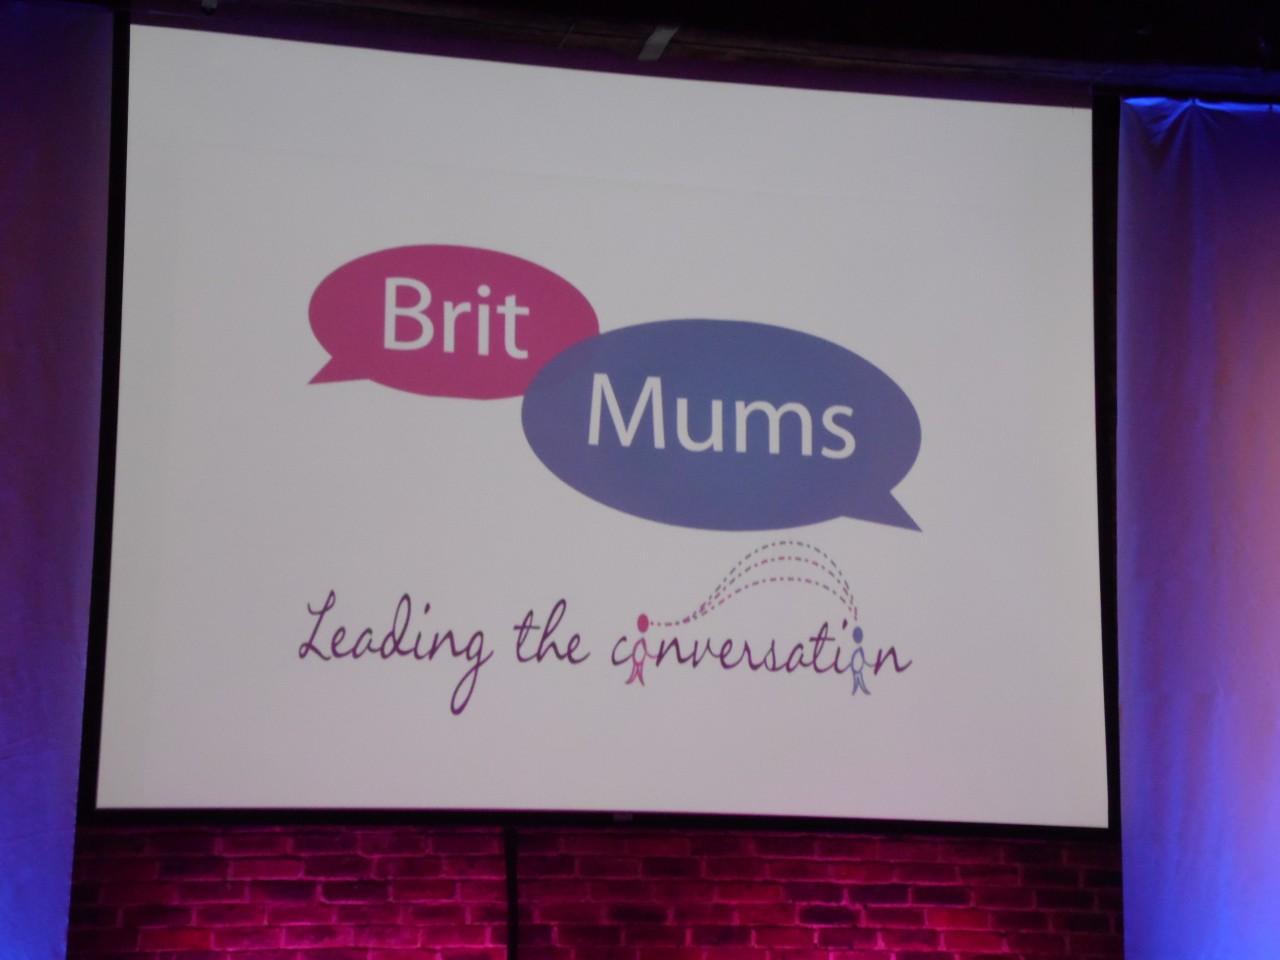 #britmumslive welcome